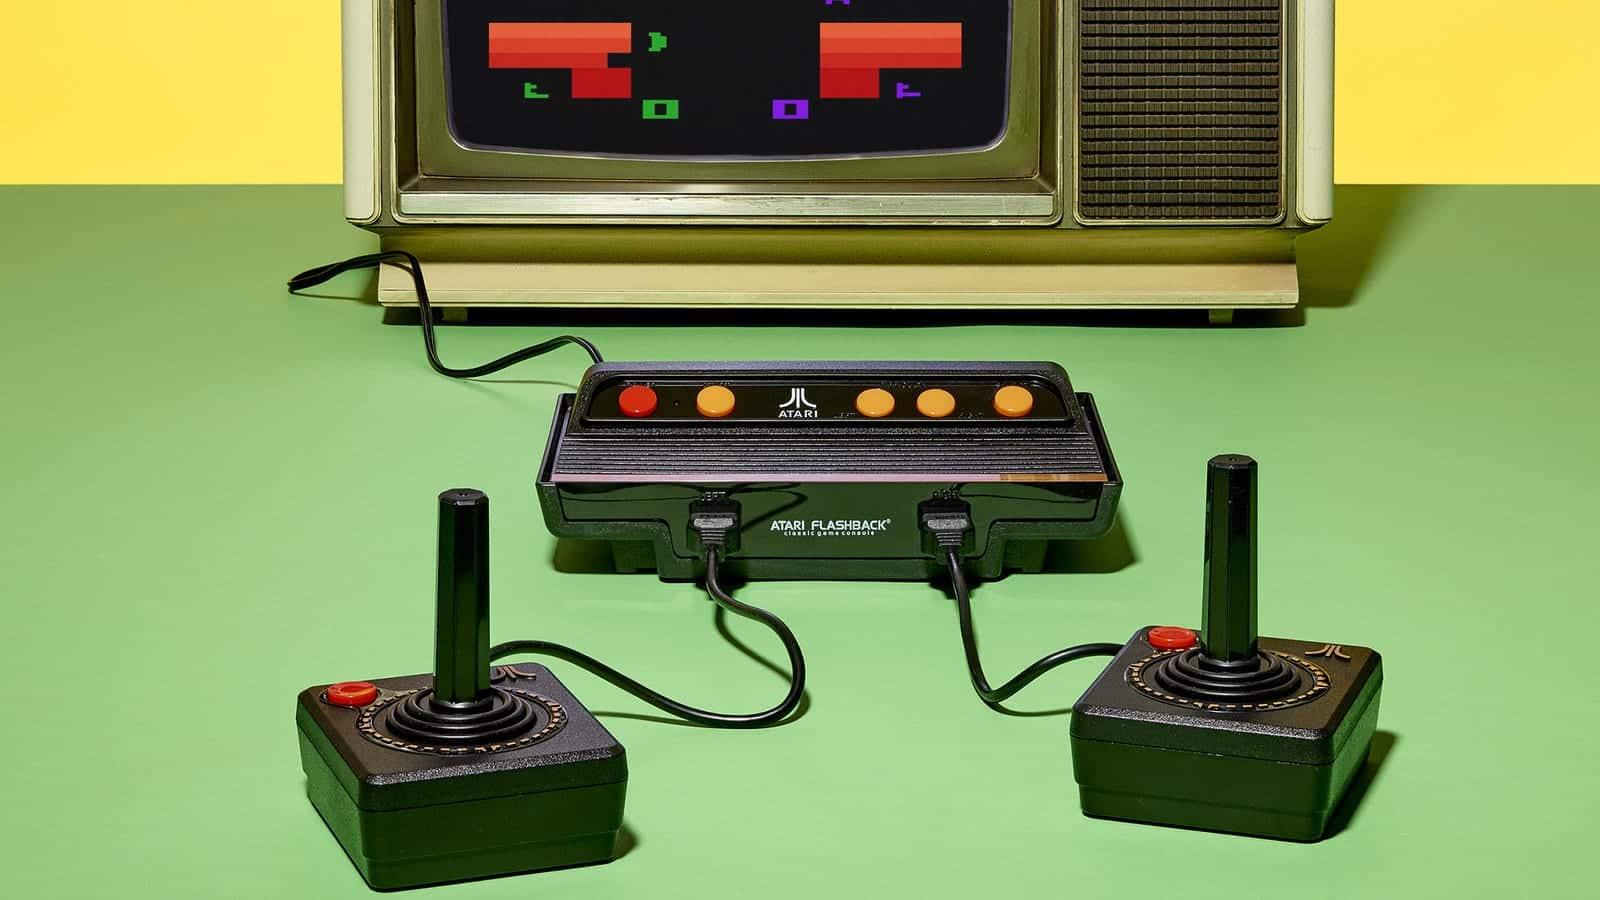 Atari - Origem, história, modelos e melhores jogos lançados